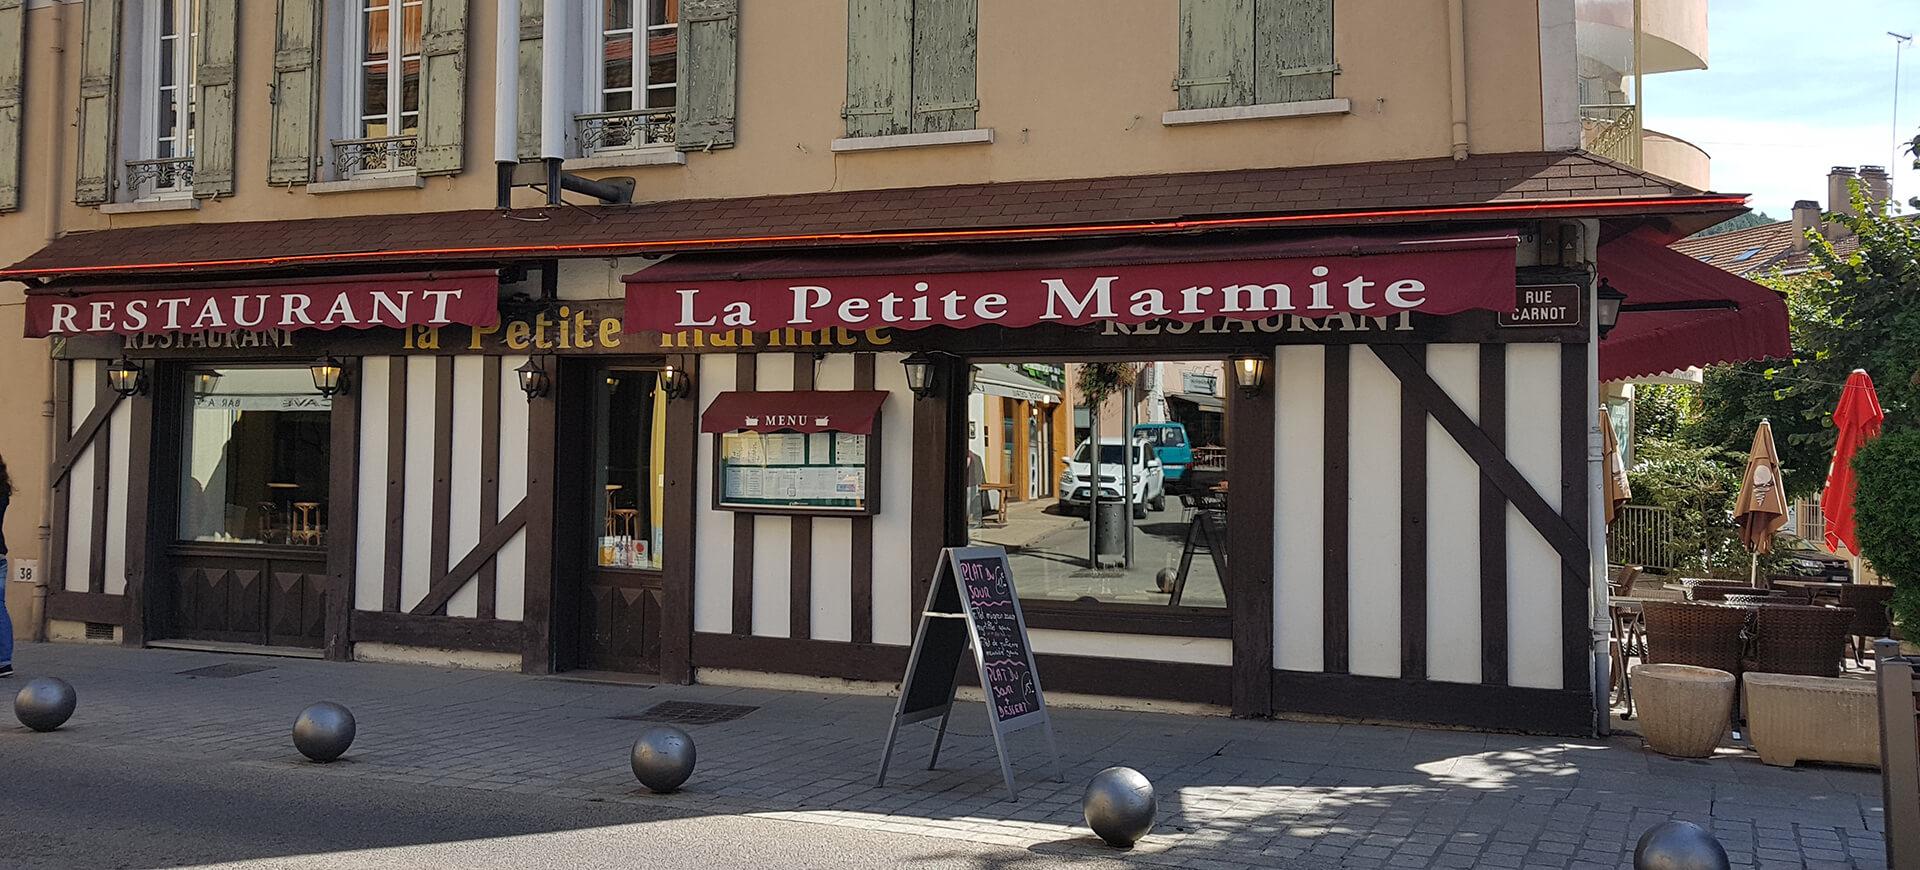 Restaurant La Petite Marmite à Gap